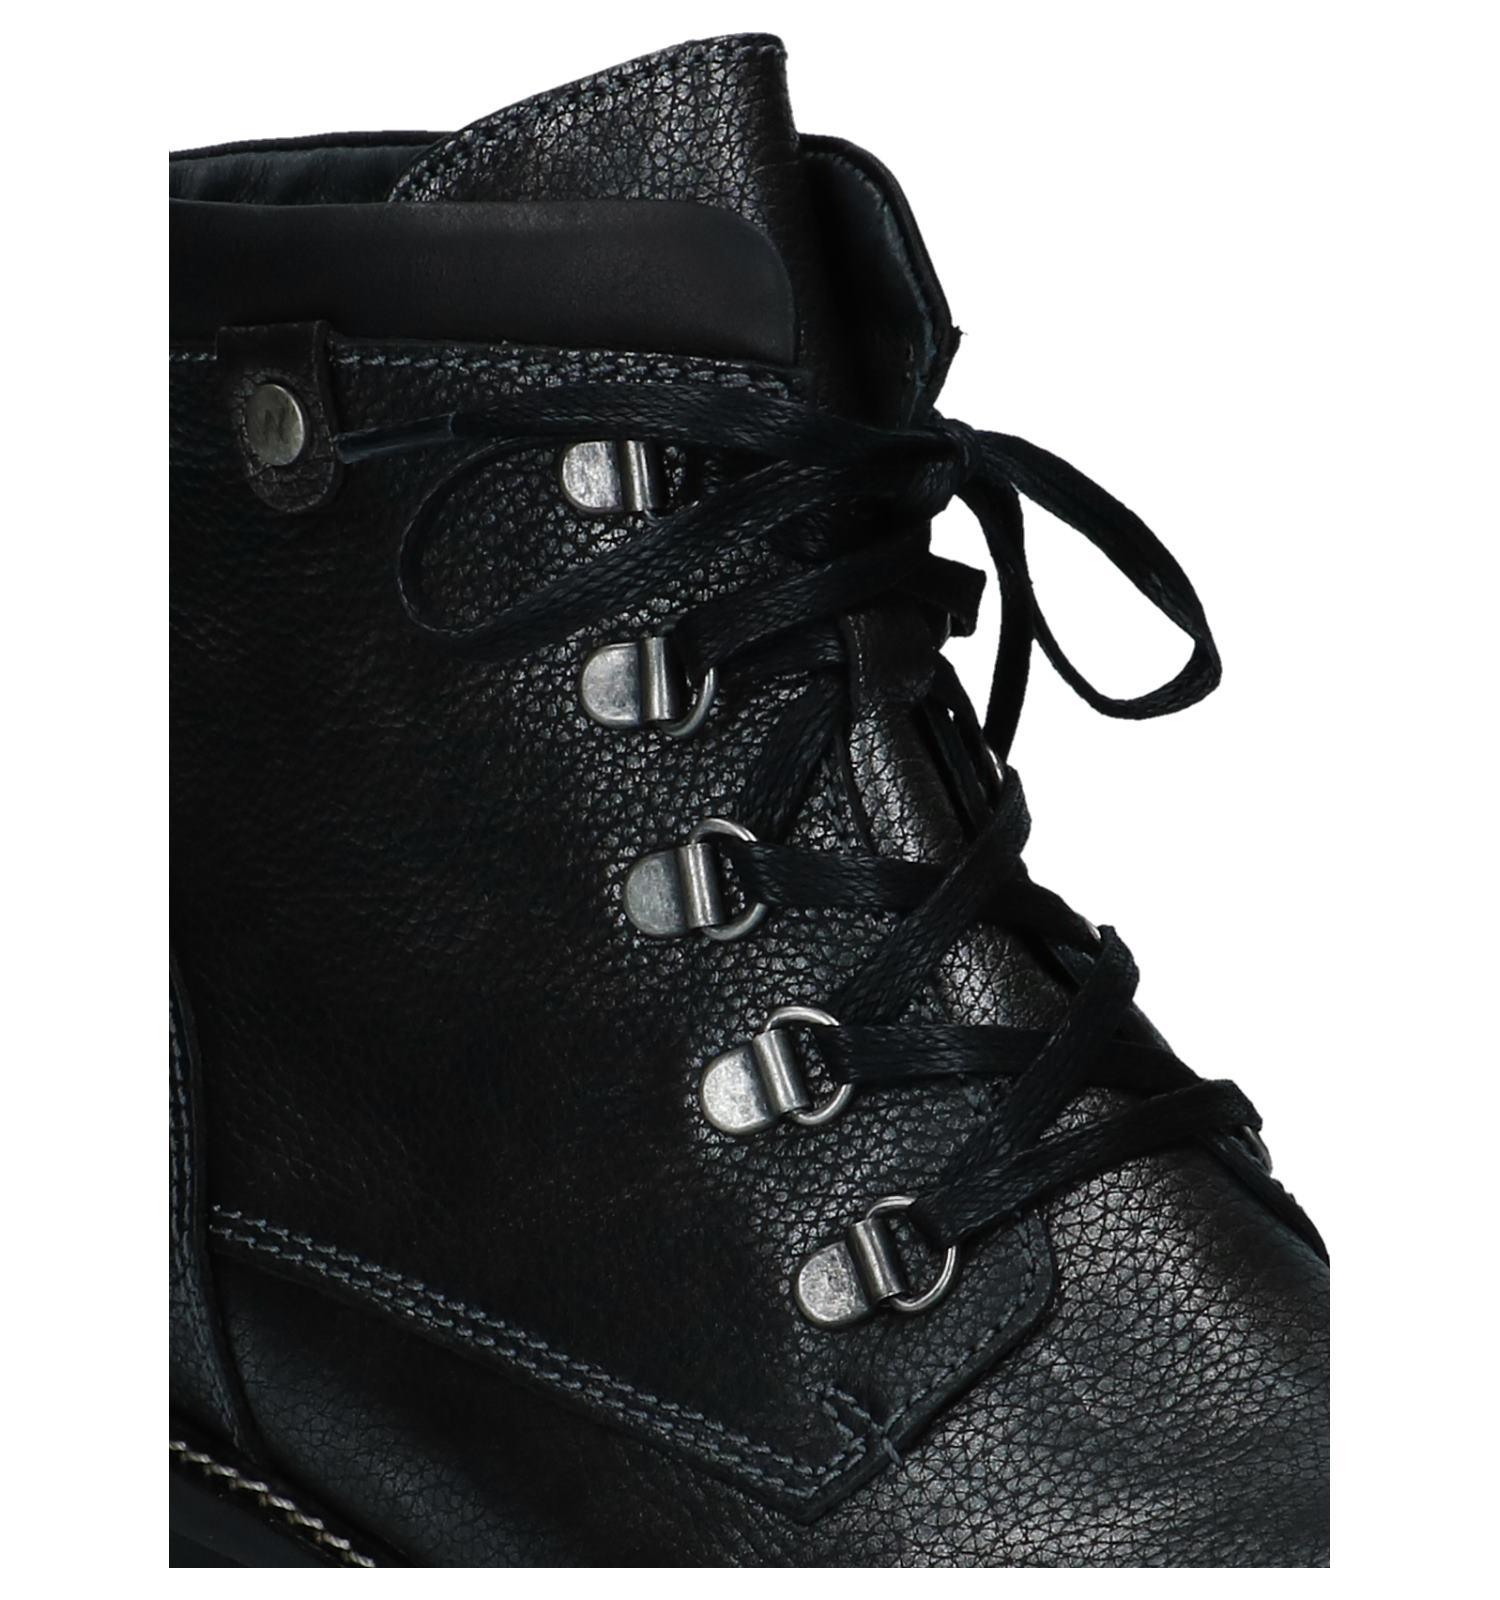 Wolky Grijze be Gratis Met Boots Ronda RitsveterTorfs Metallic TK3lF1J5uc